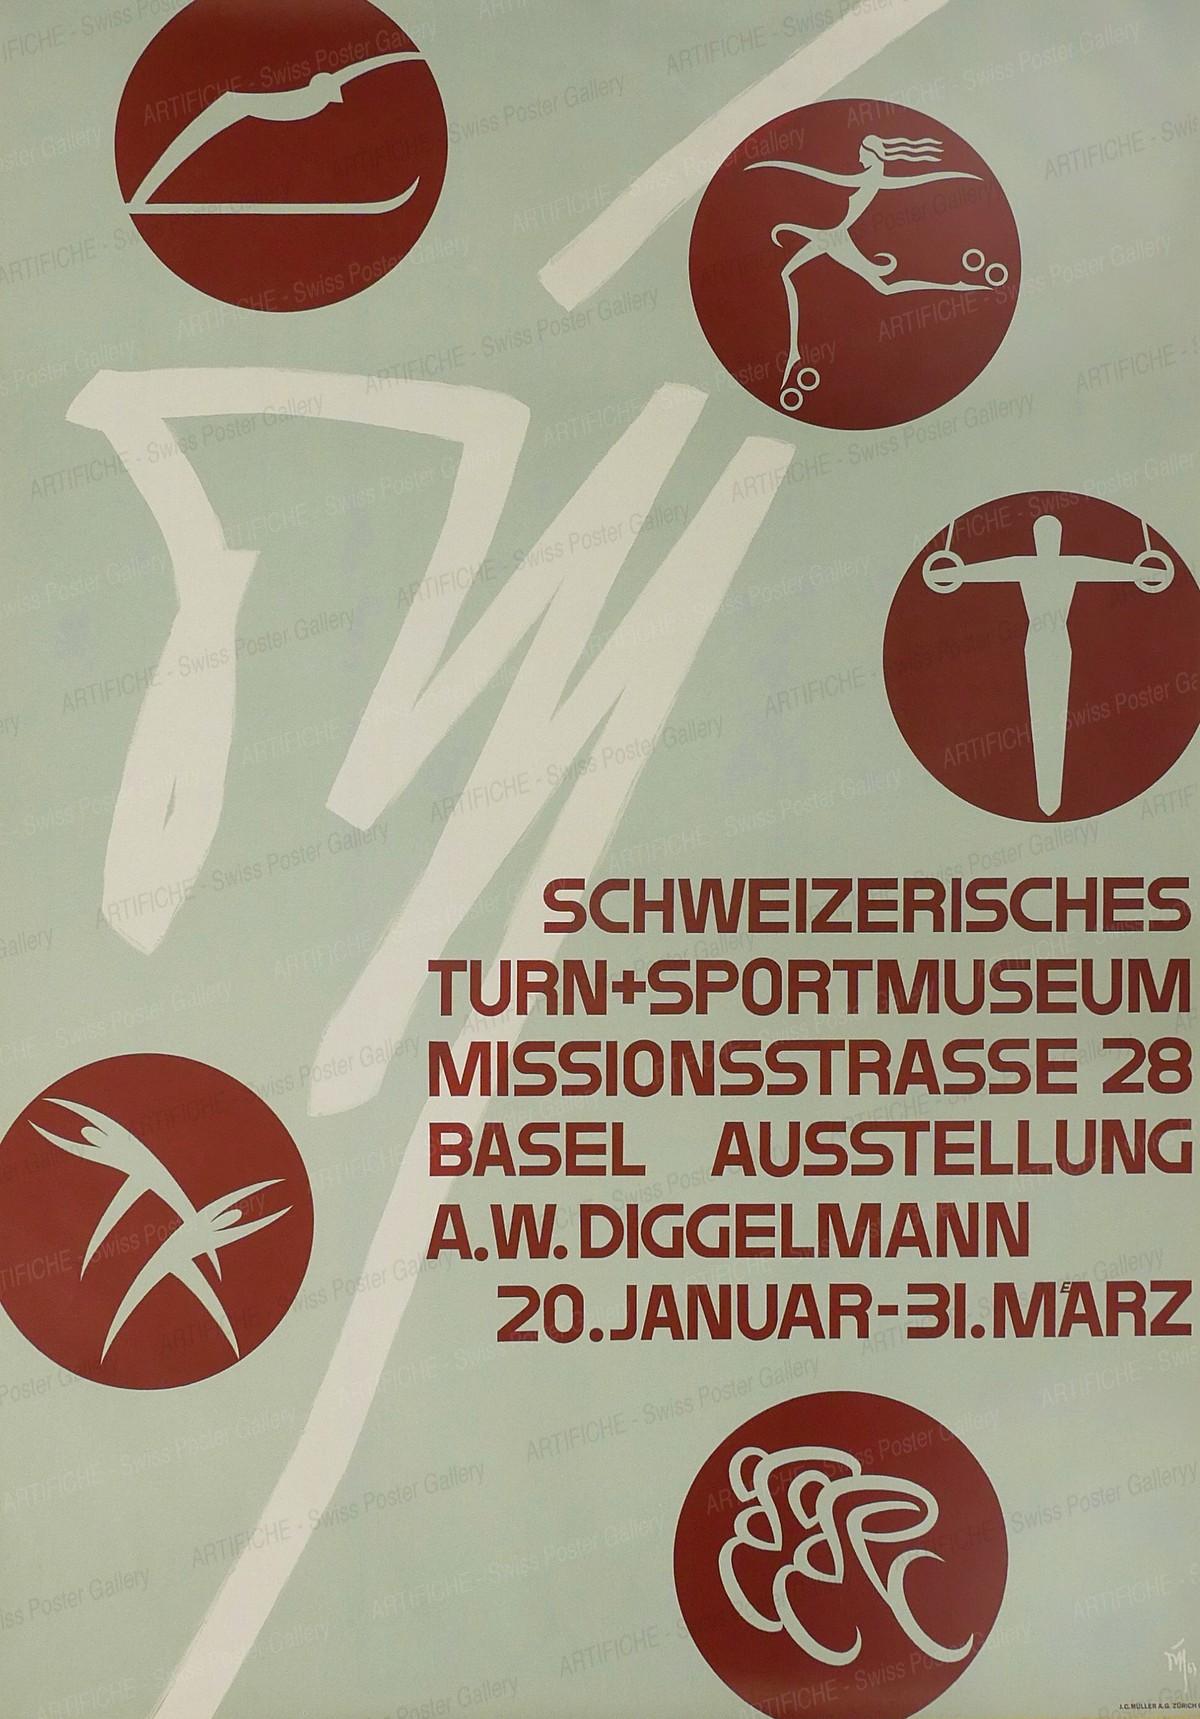 Swiss Museum of Sports Basel, Alex Walter Diggelmann